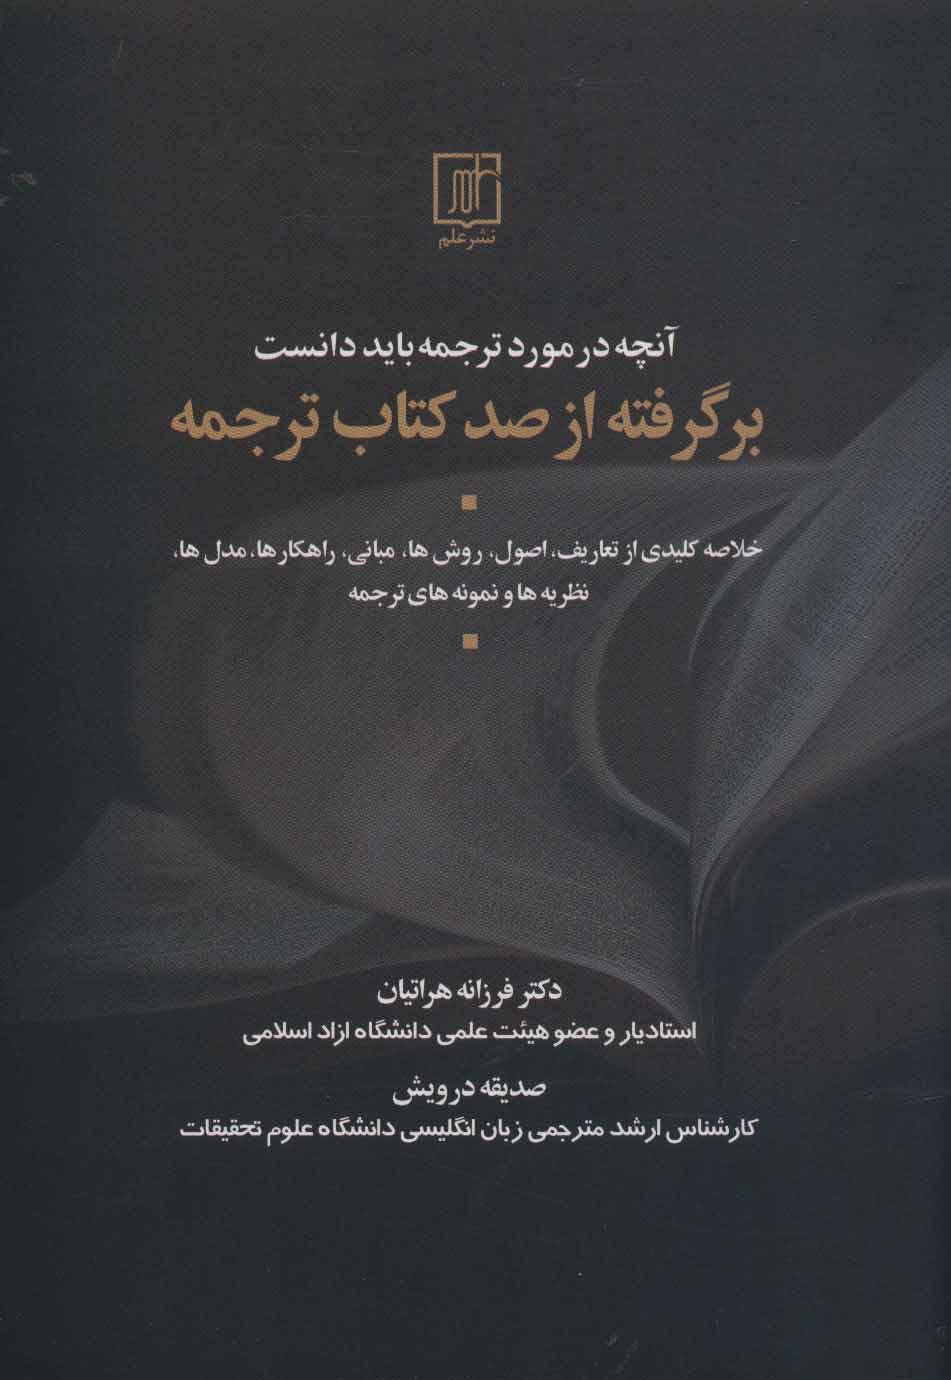 آنچه در مورد ترجمه باید دانست (بر گرفته از صد کتاب ترجمه)،(2زبانه)